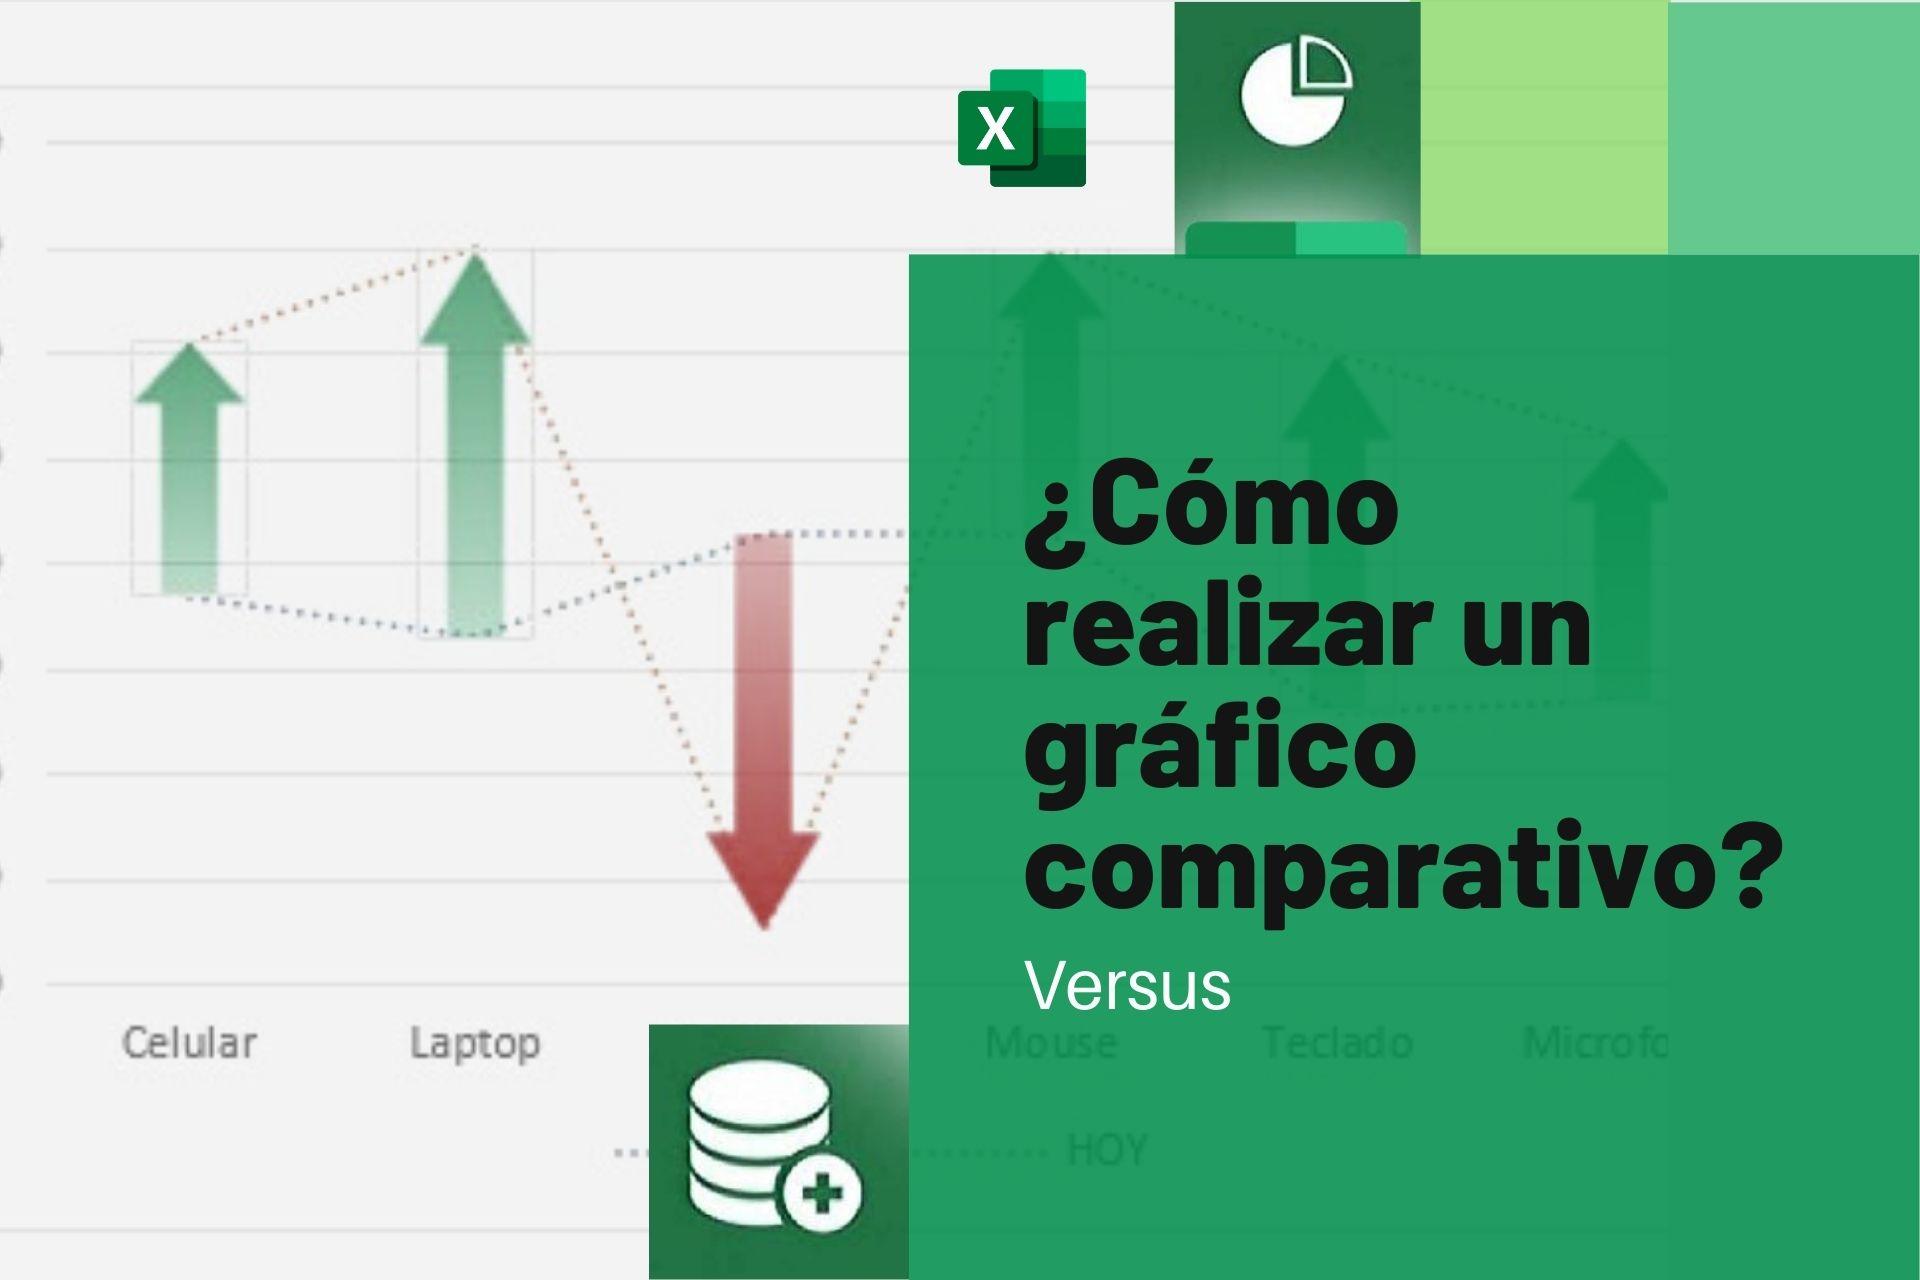 Grafico comparativo